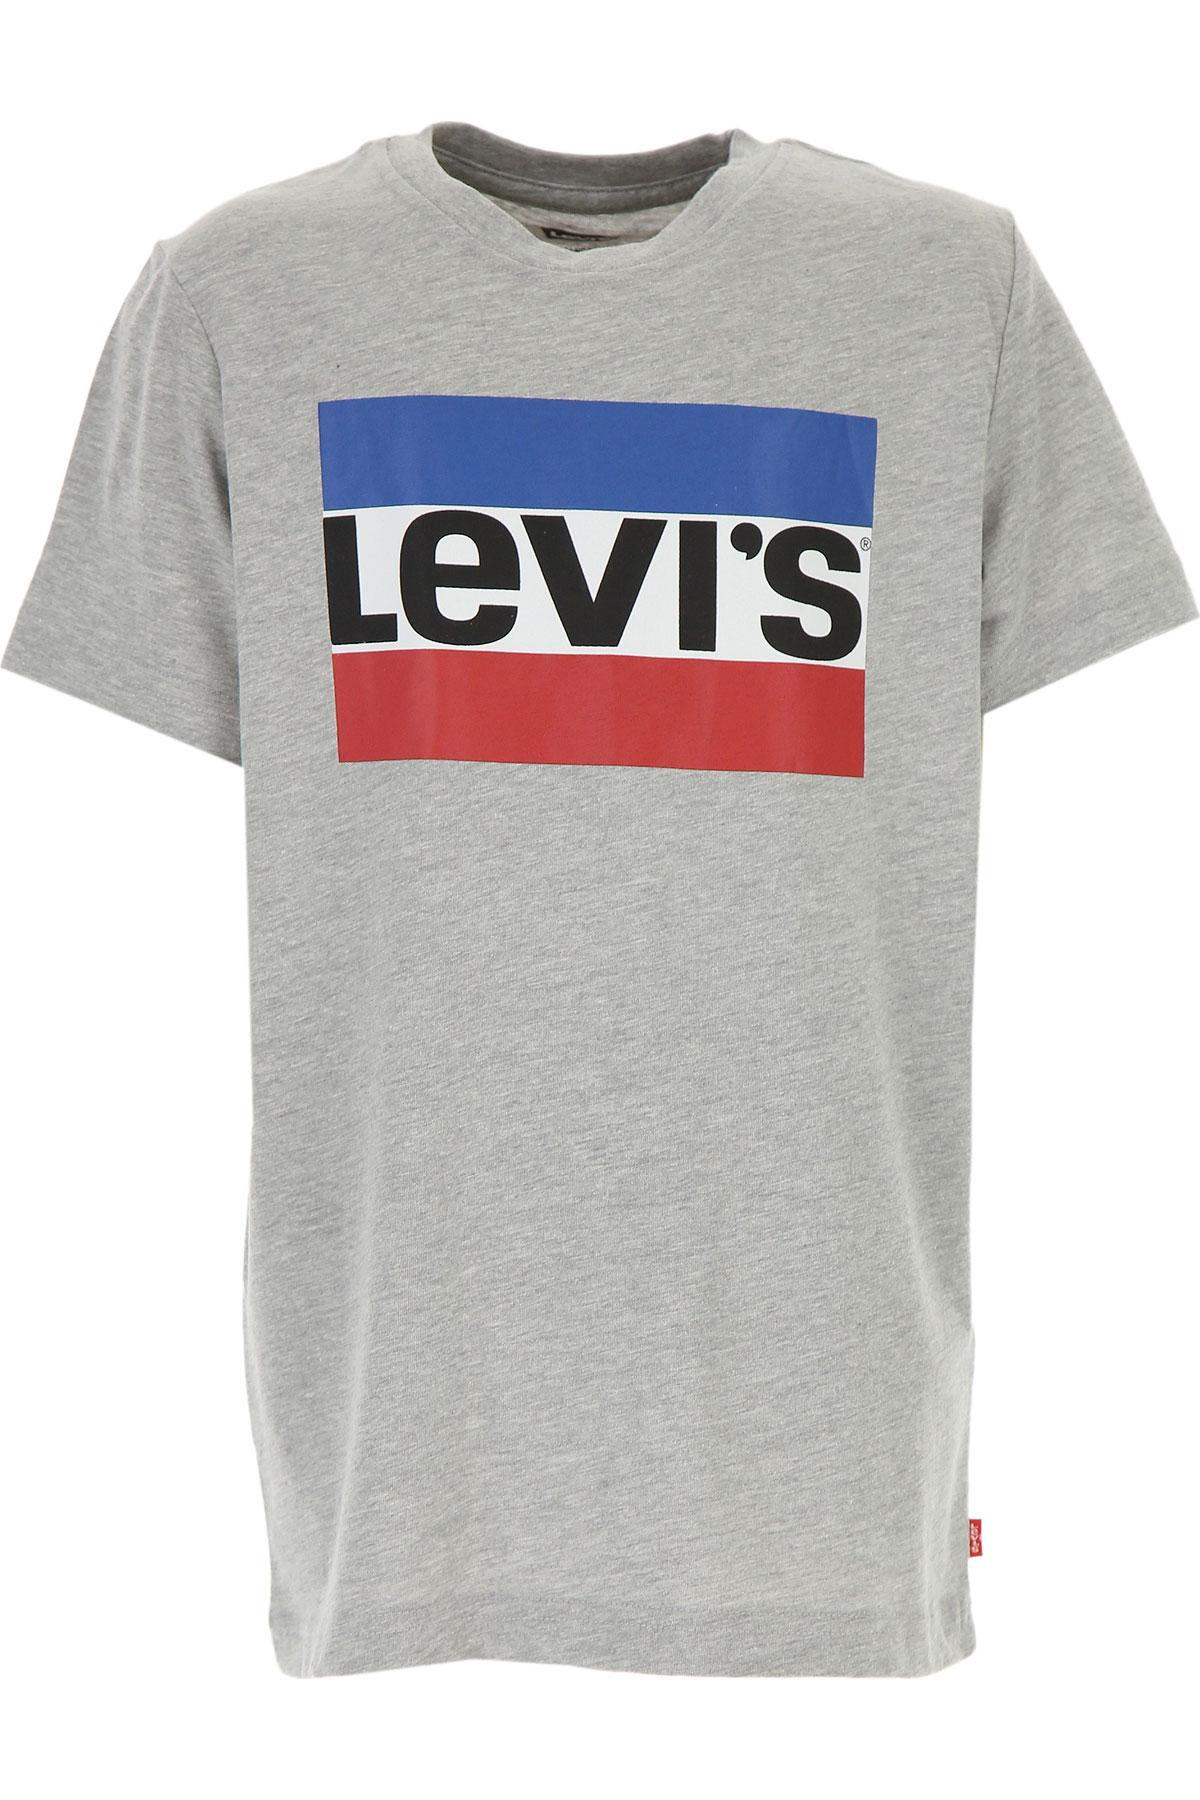 Levis Kids T-Shirt for Boys On Sale, Grey, Cotton, 2019, 10Y 12Y 14Y 16Y 8Y